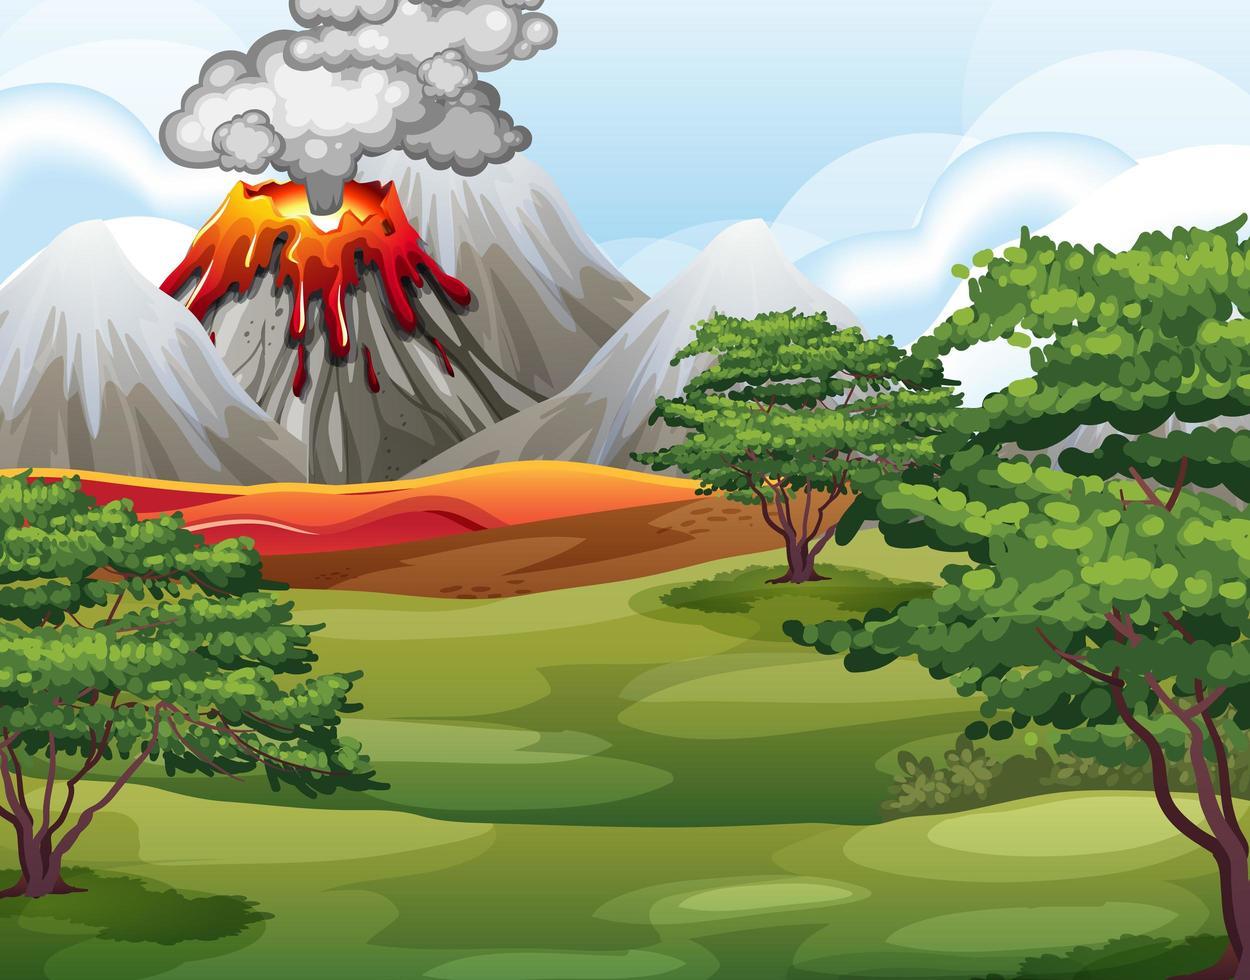 erupción volcánica en la escena del bosque natural durante el día vector